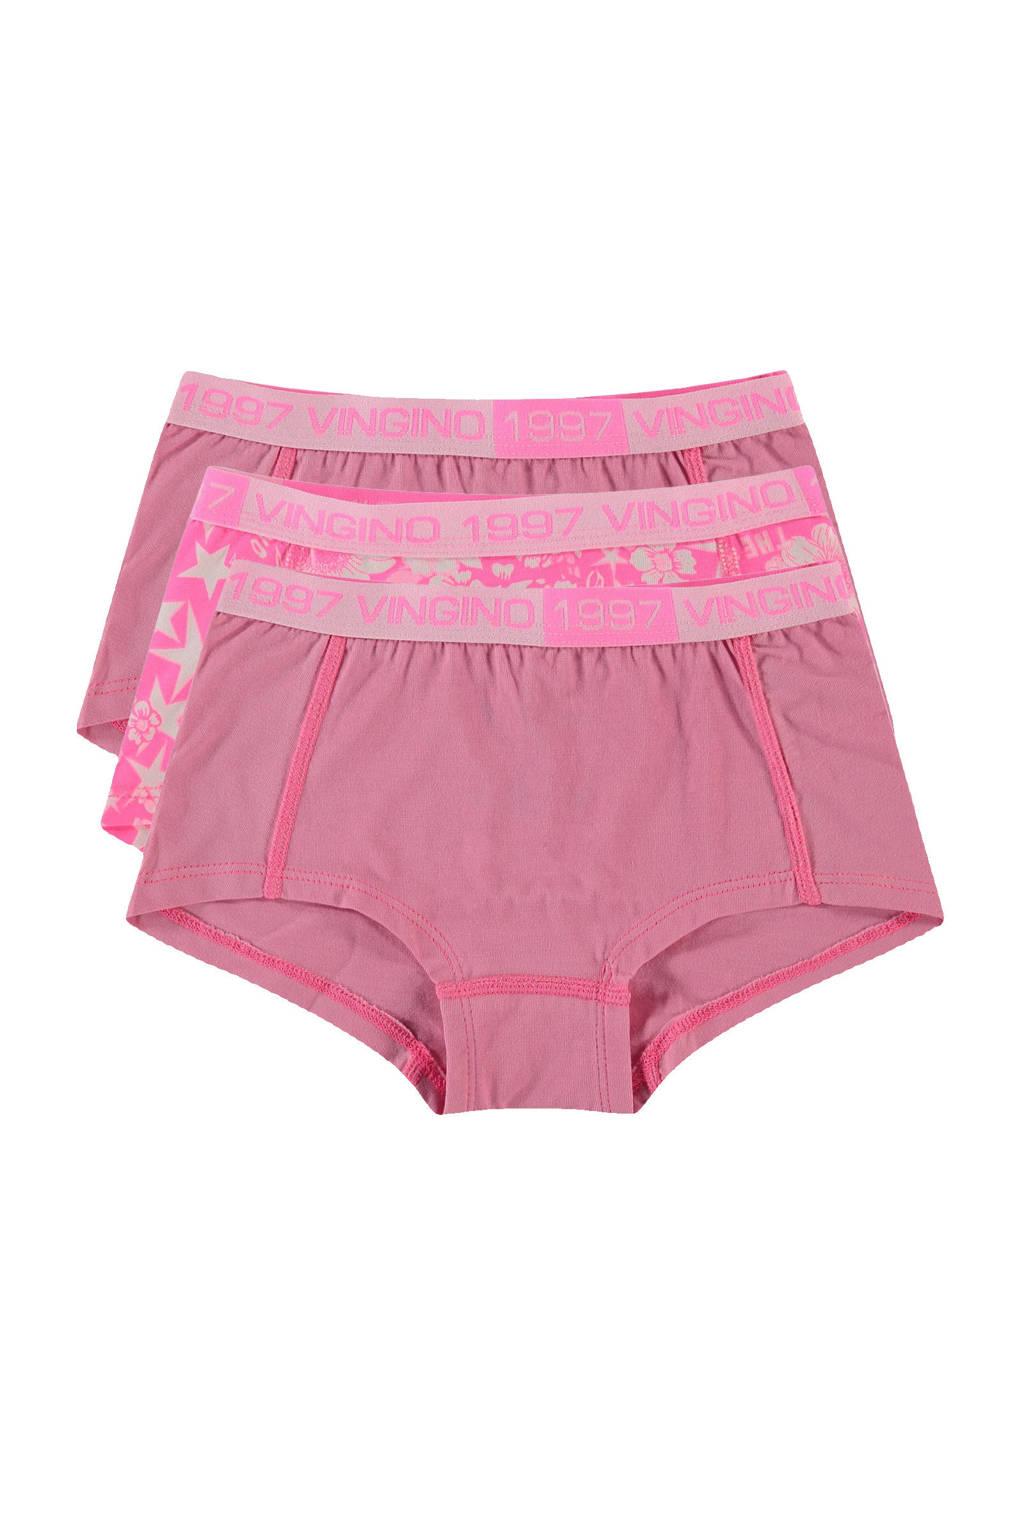 Vingino hipster Lis - set van 3 roze, Neonroze/wit